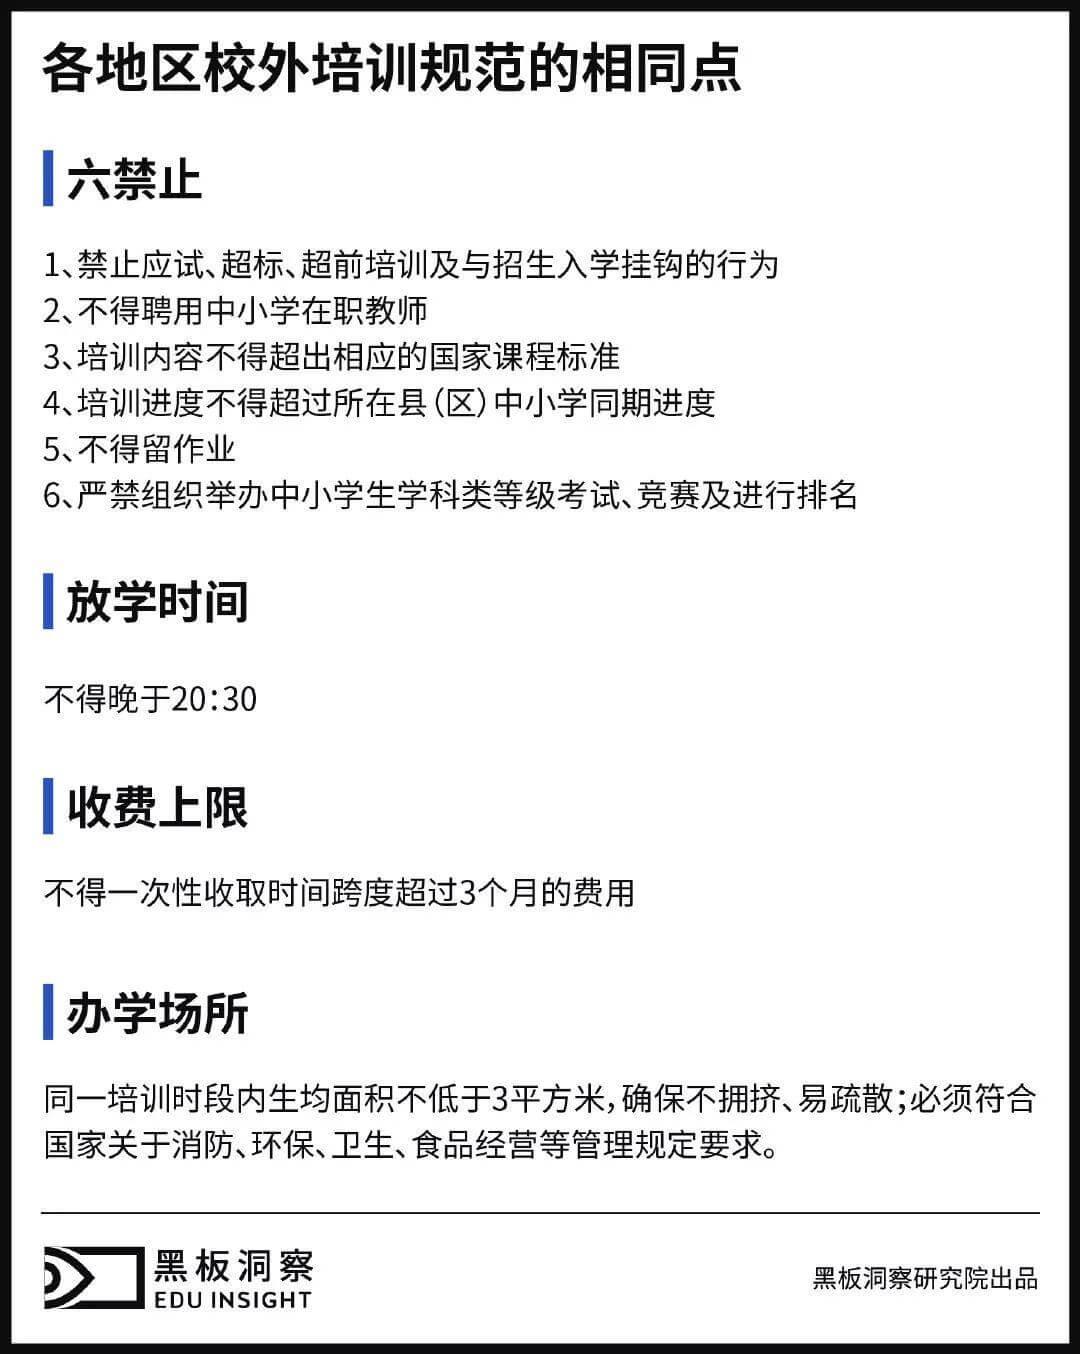 规范校外培训机构:中央文件落地执行,34省市地方细化政策横评一览-黑板洞察